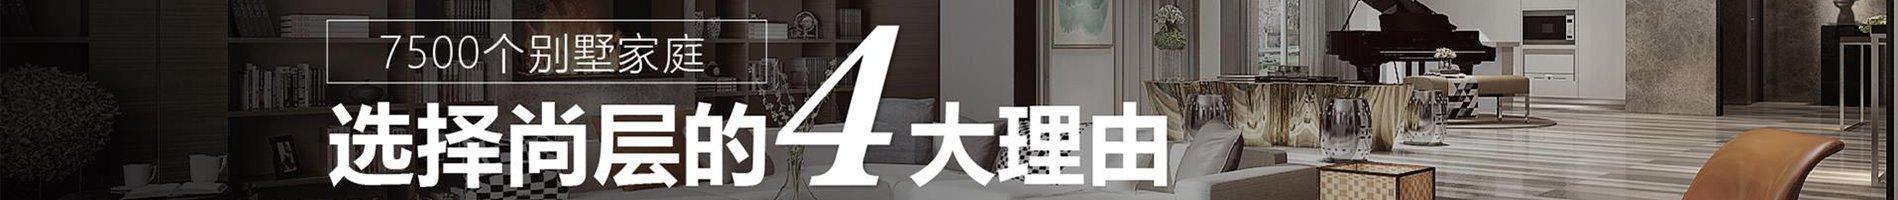 杭州尚层别墅装饰热装楼盘